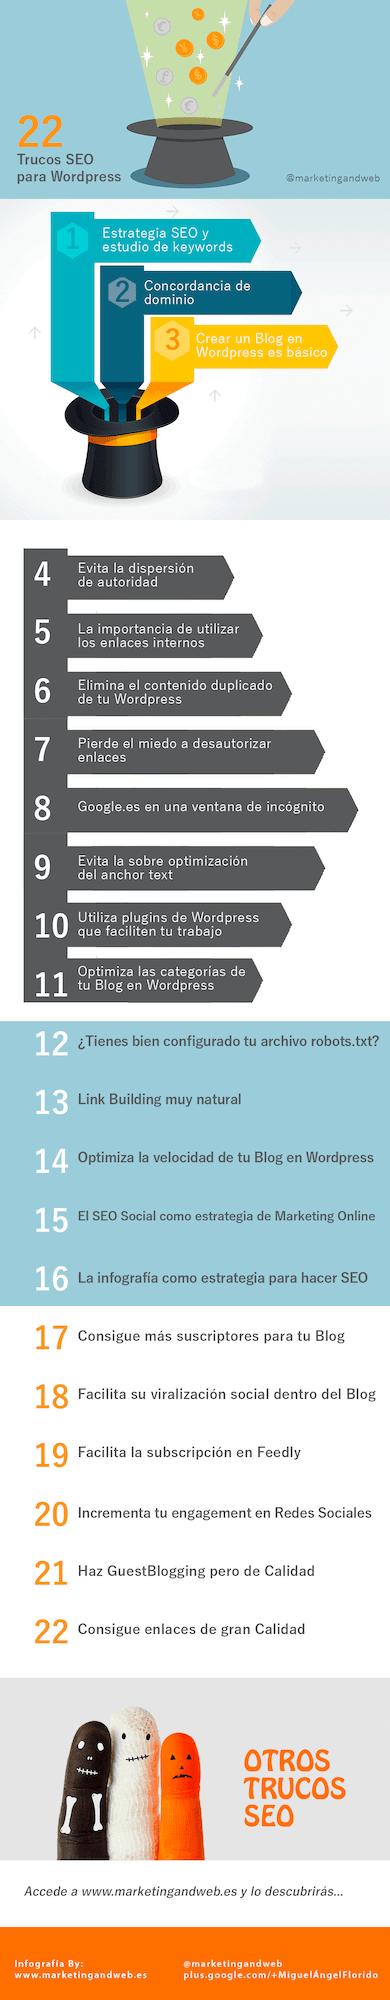 infografía trucos seo en 2014